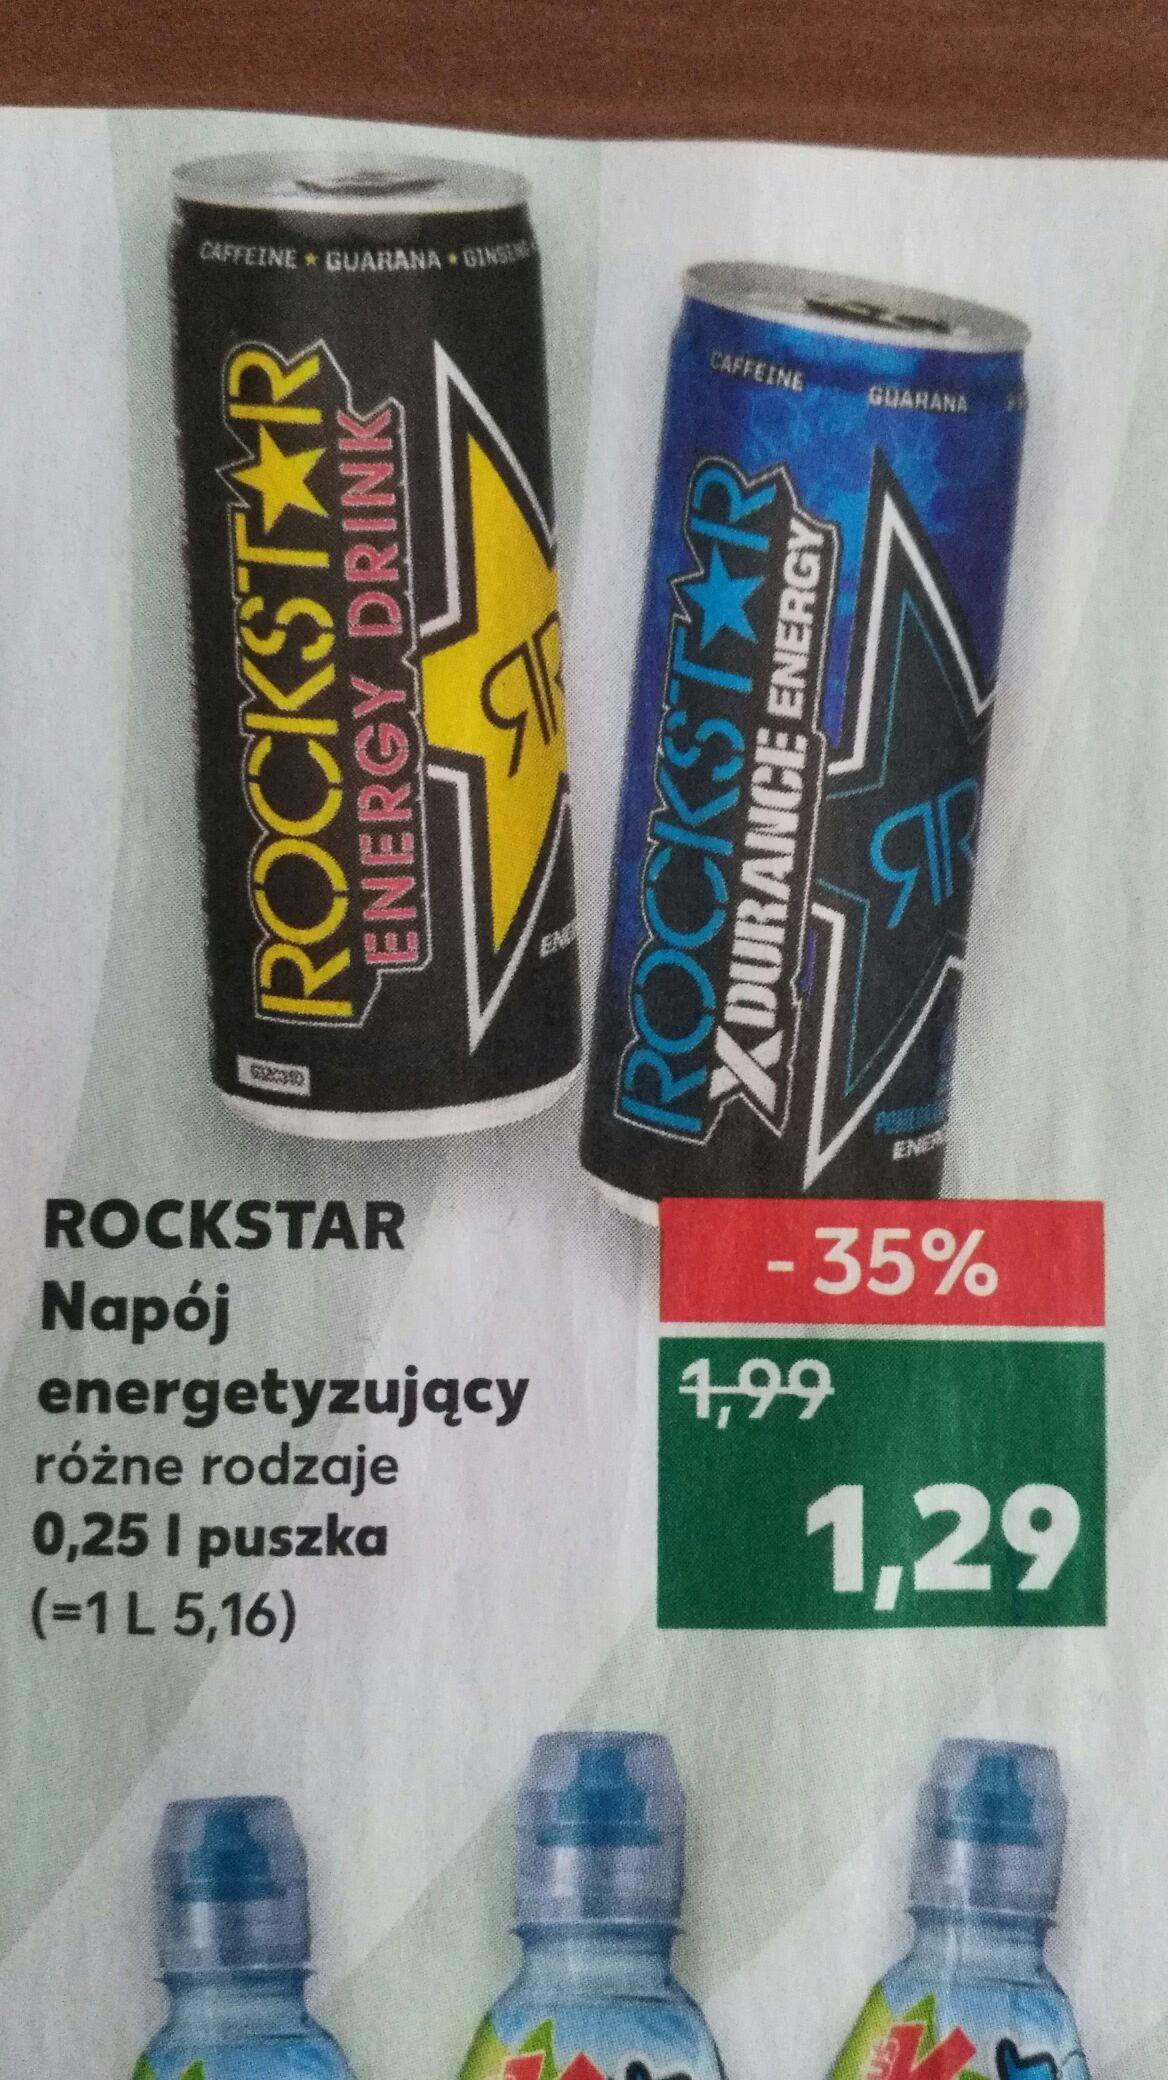 Energetyk Rockstar i inne smaki w Kaufland